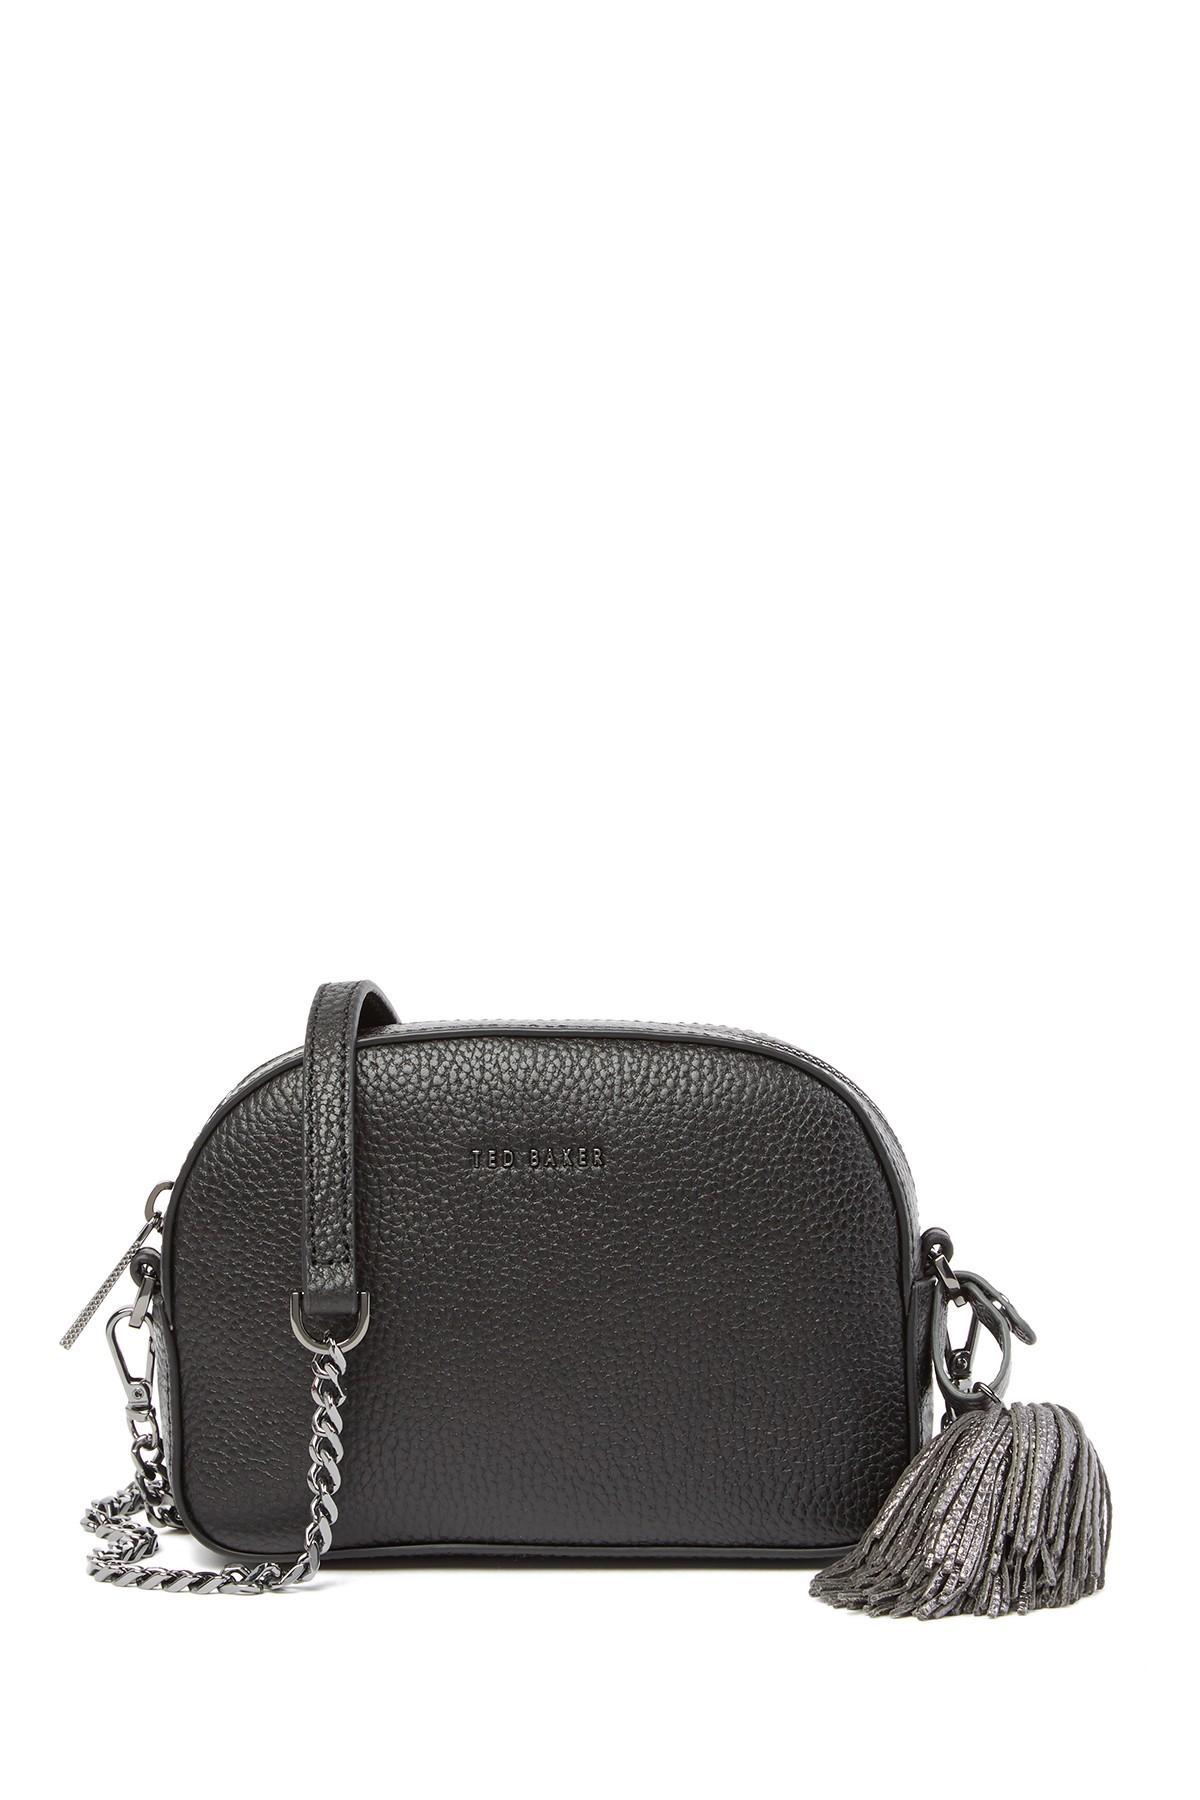 54e5c6cb9 Ted Baker - Black Madiiee Leather Pom Pom Belt Bag - Lyst. View fullscreen